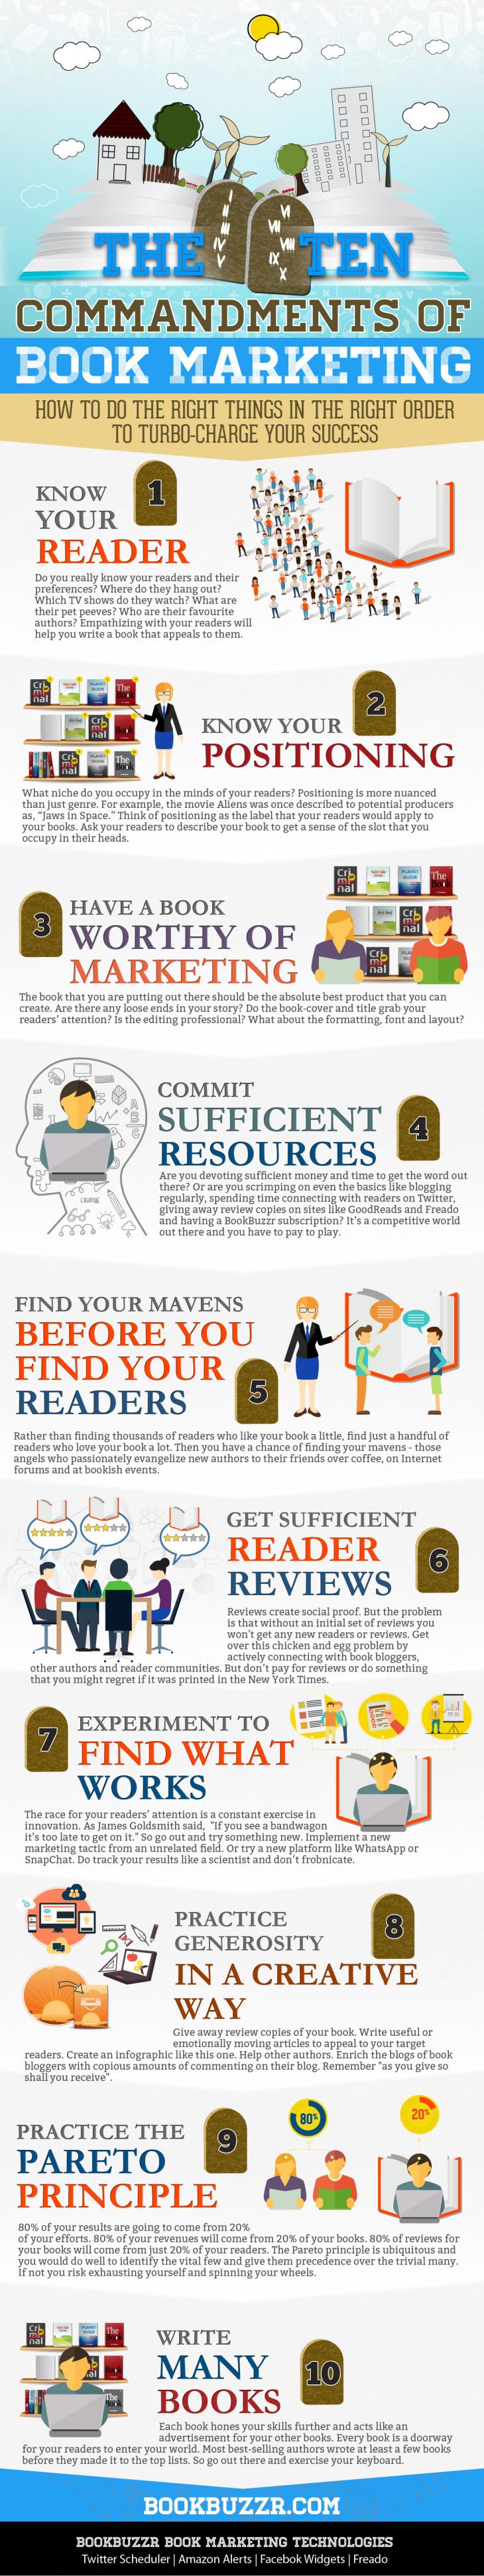 The Ten Commandments of Book Marketing